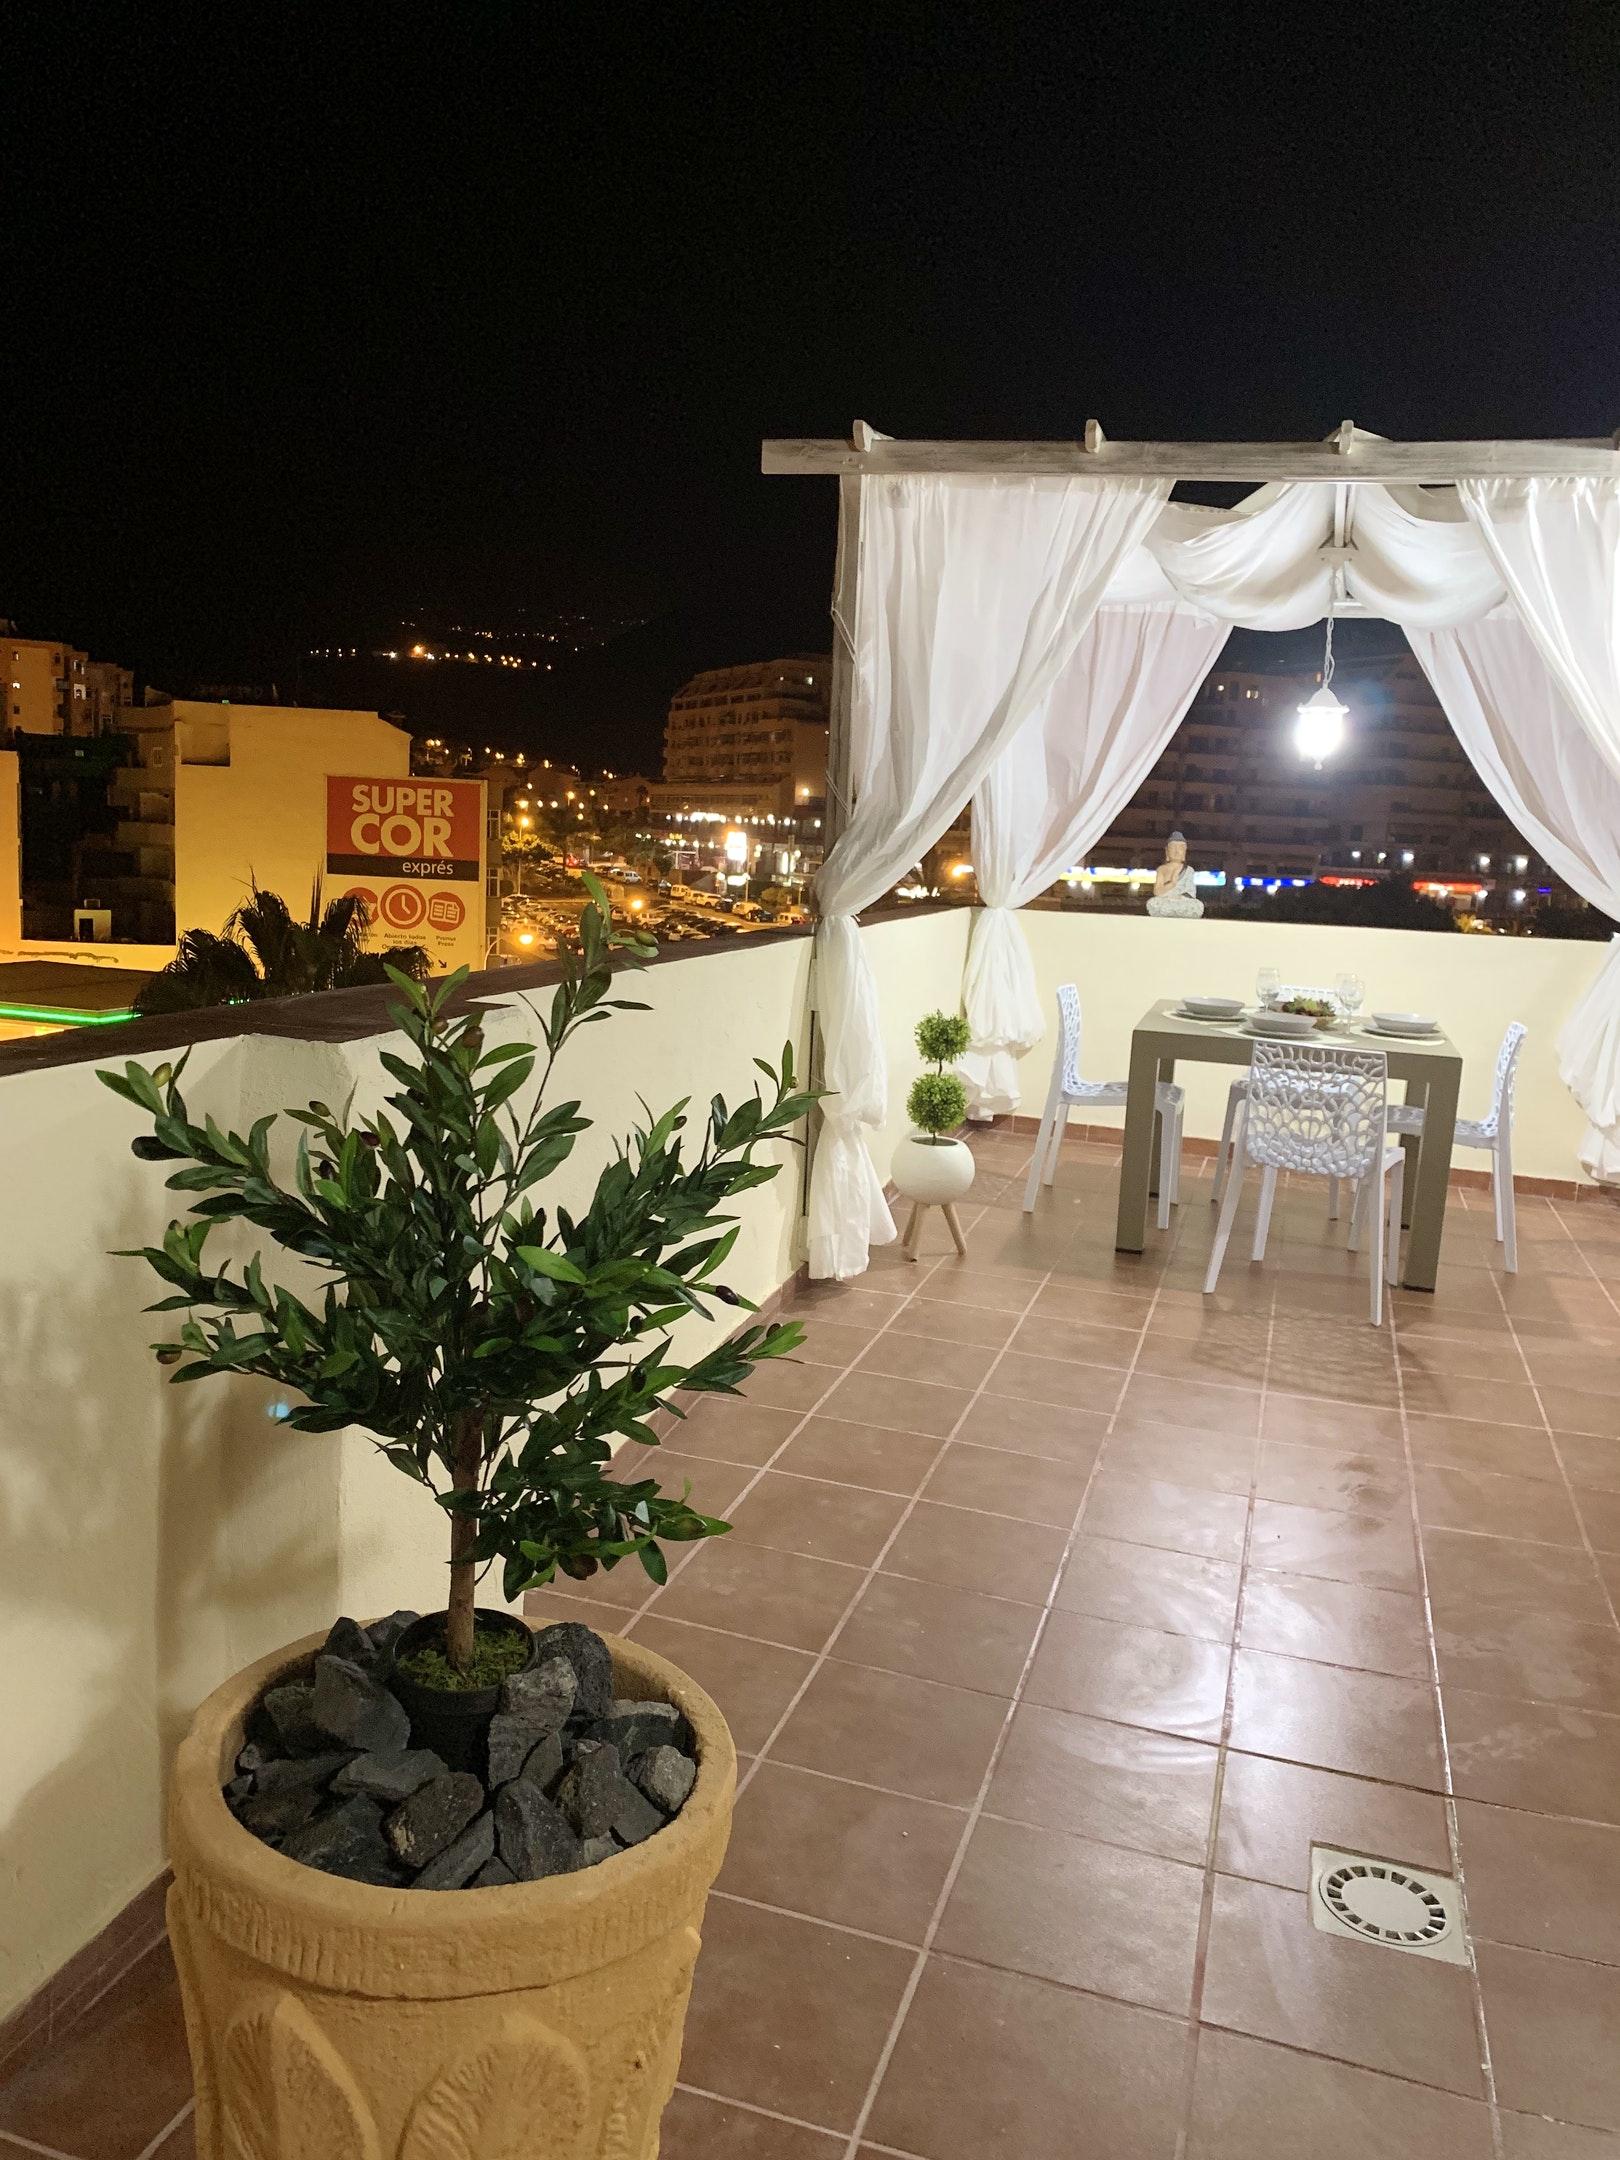 Appartement de vacances Wohnung mit 2 Schlafzimmern in Los Cristianos mit toller Aussicht auf die Berge, eingezäun (2202481), Los Cristianos, Ténérife, Iles Canaries, Espagne, image 21